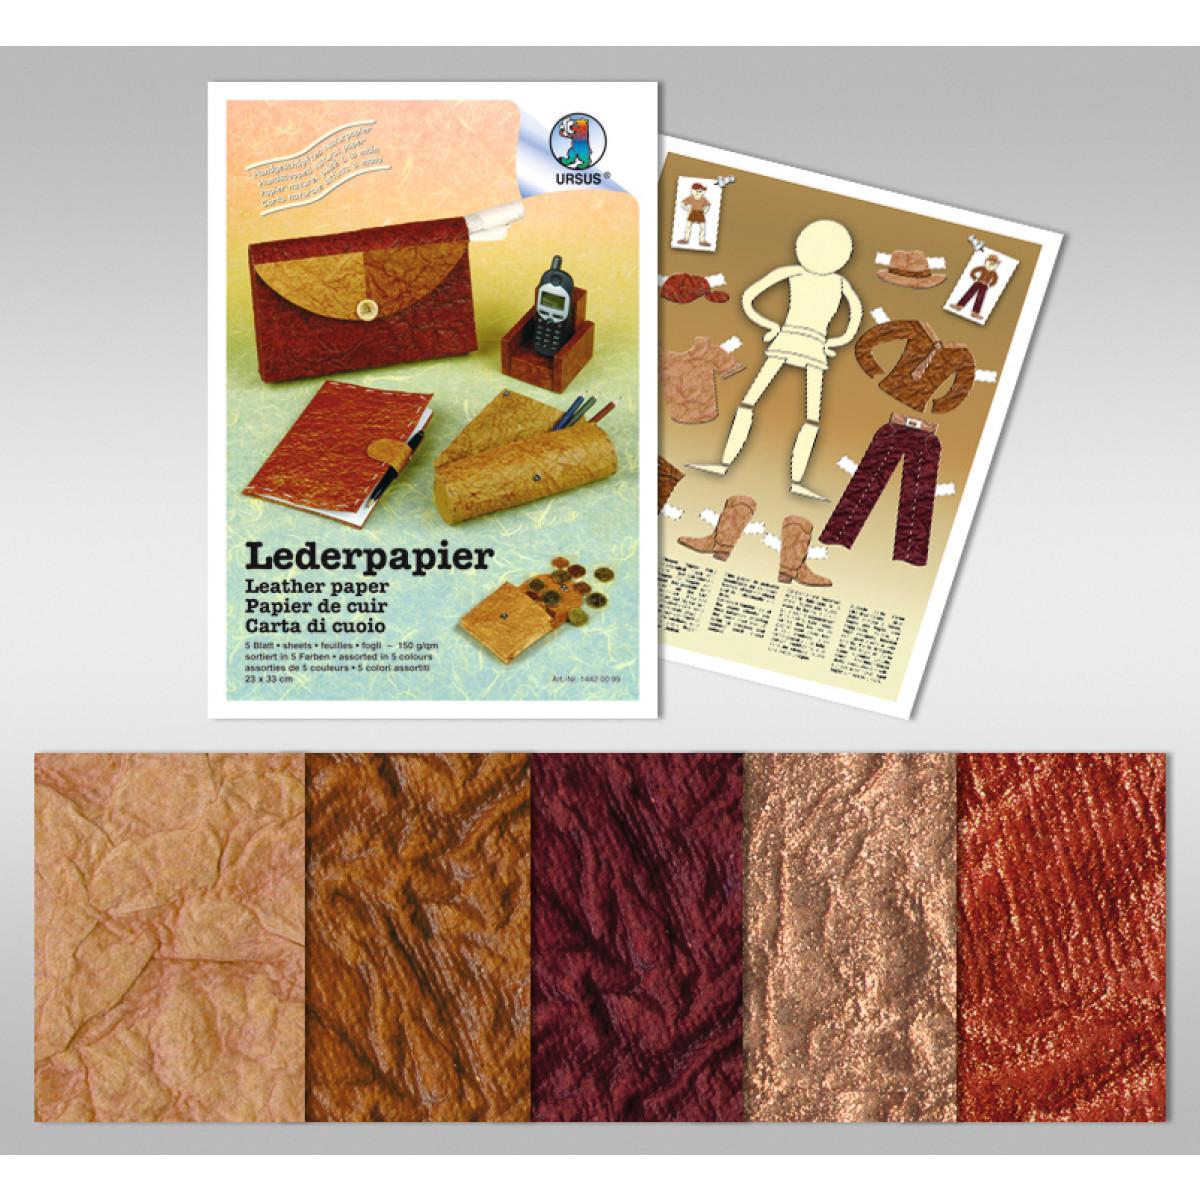 Lederpapier 250 g/qm 50 x 70 cm - 5 Bogen